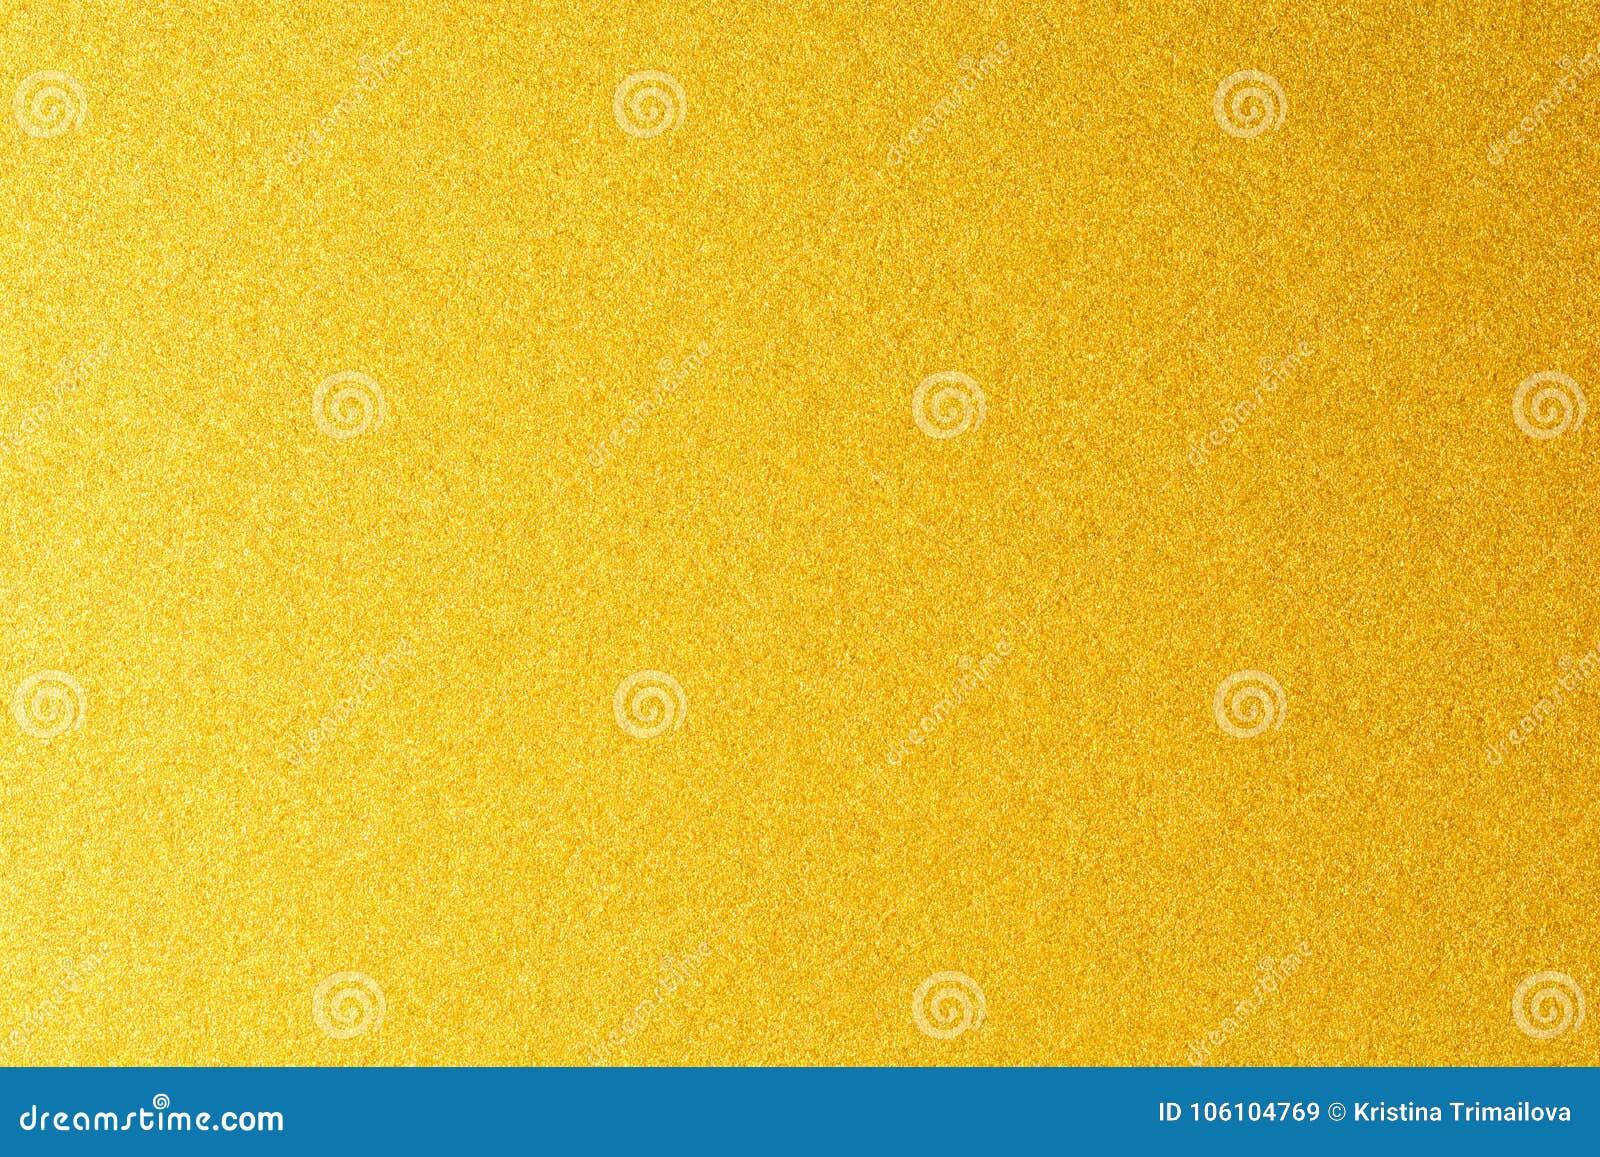 Details des goldenen Beschaffenheitshintergrundes Goldfarbfarbenwand Goldener Luxushintergrund und Tapete Goldfolie oder